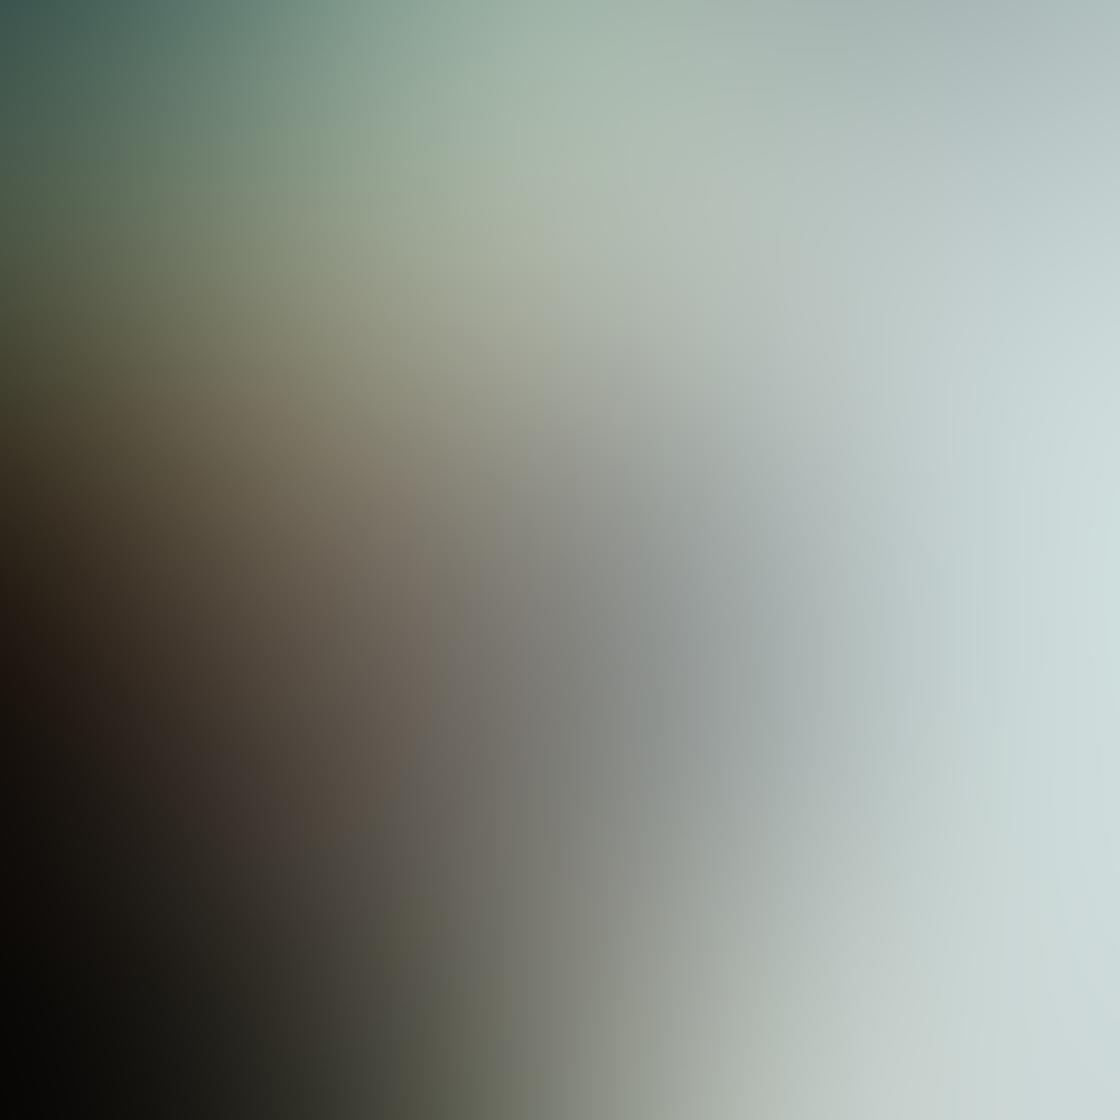 iPhone Photos Portrait Backgrounds 5